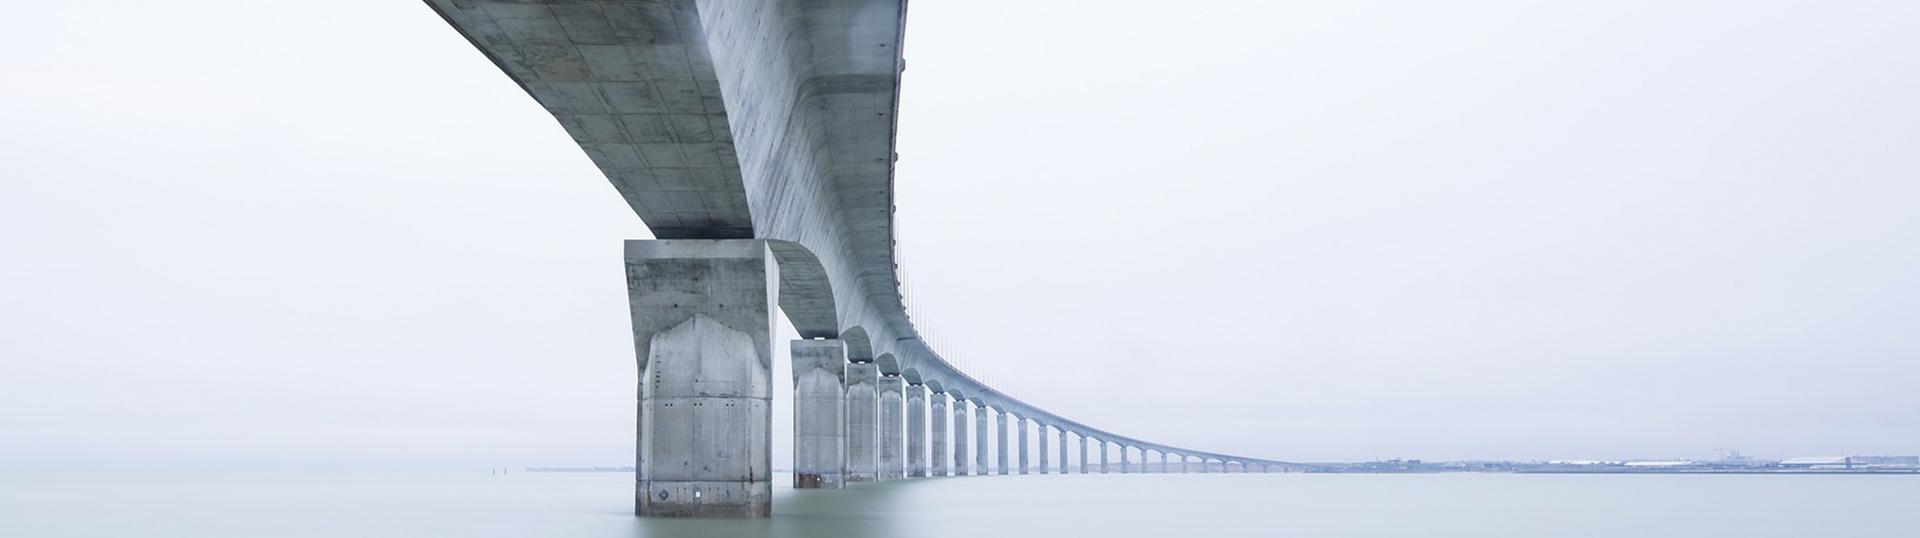 Bridge – zintegrowane rozwiązania 4 BIM do projektowania mostów